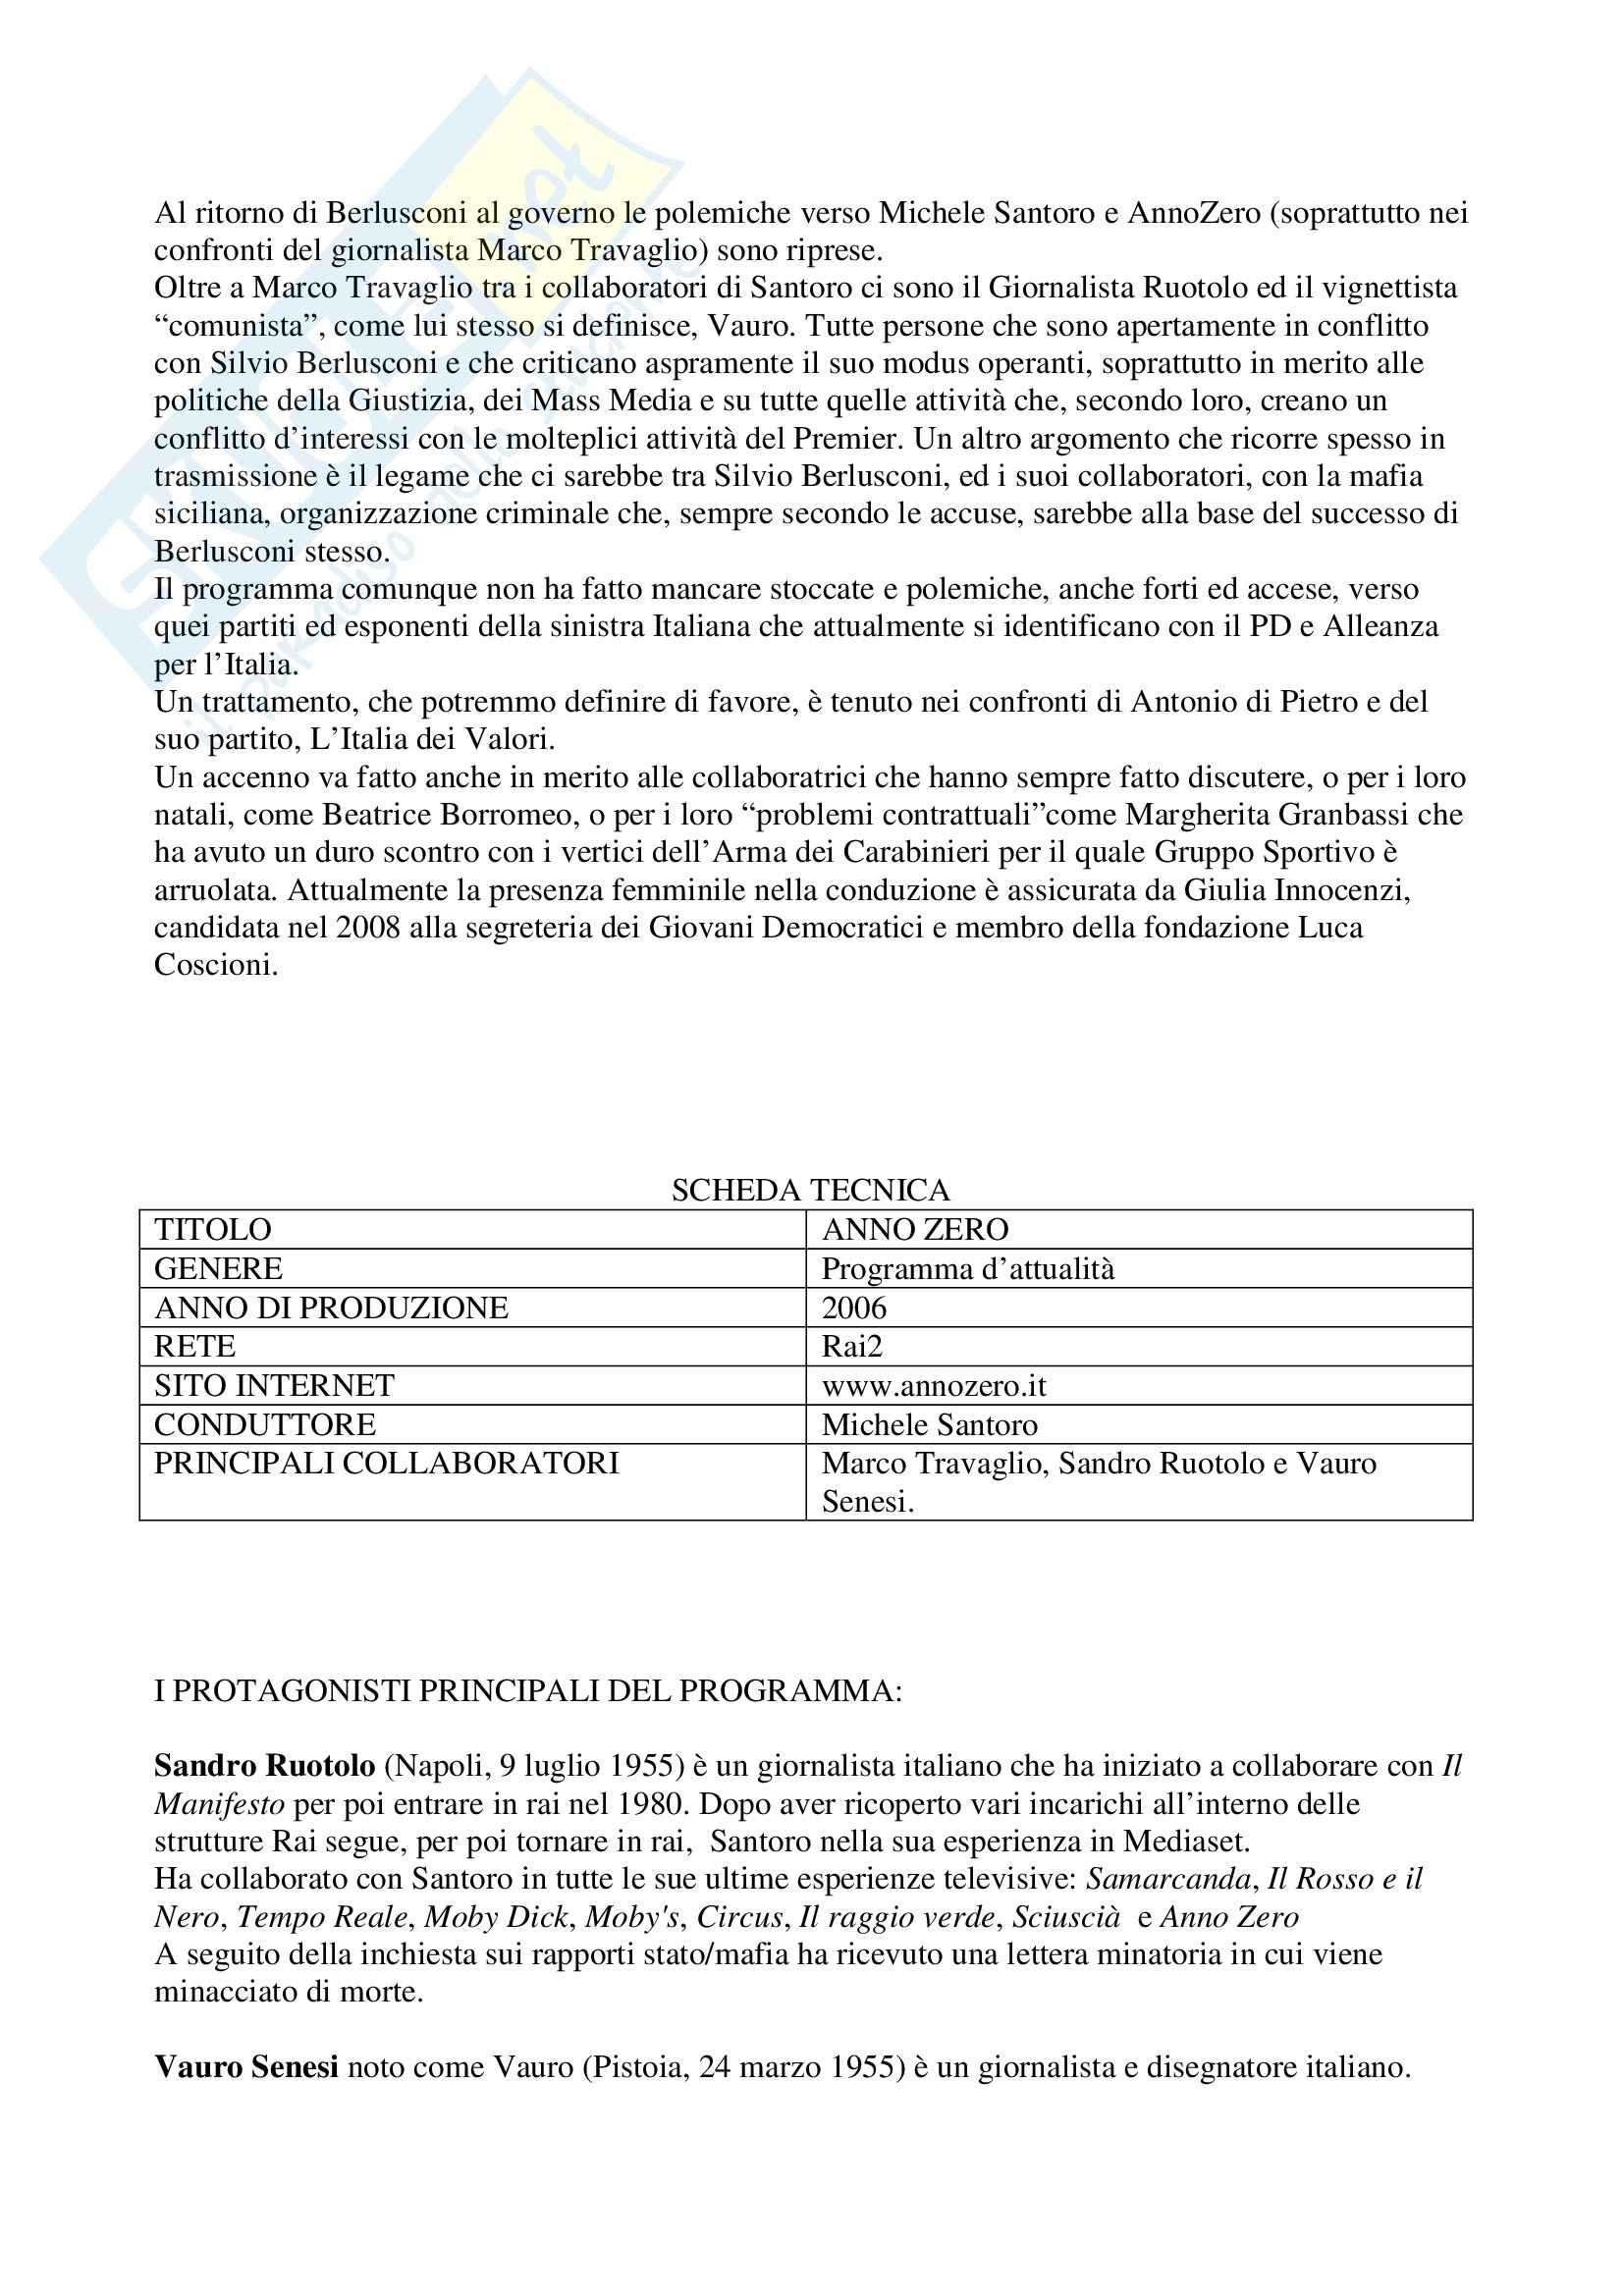 Teorie e tecniche del linguaggio radiotelevisivo - Anno Zero Pag. 2